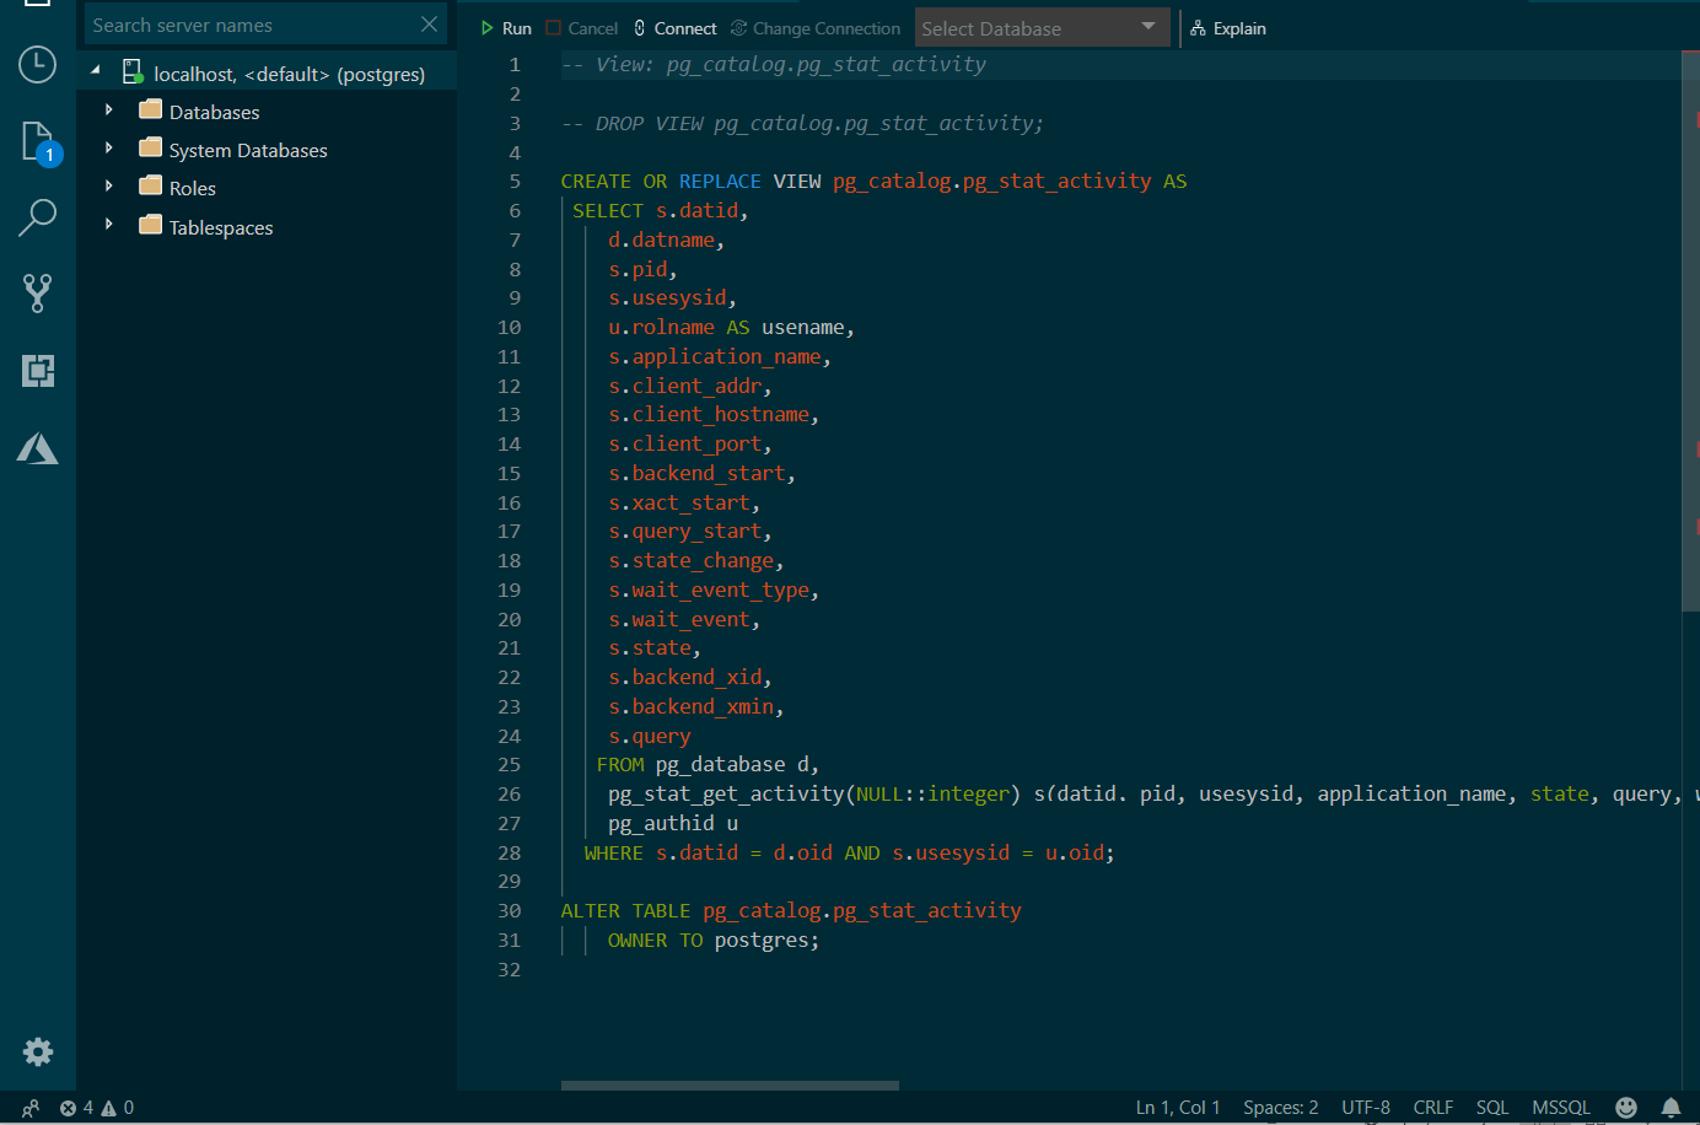 Azure Data Studio: редактор графического интерфейса с открытым исходным кодом для Postgres